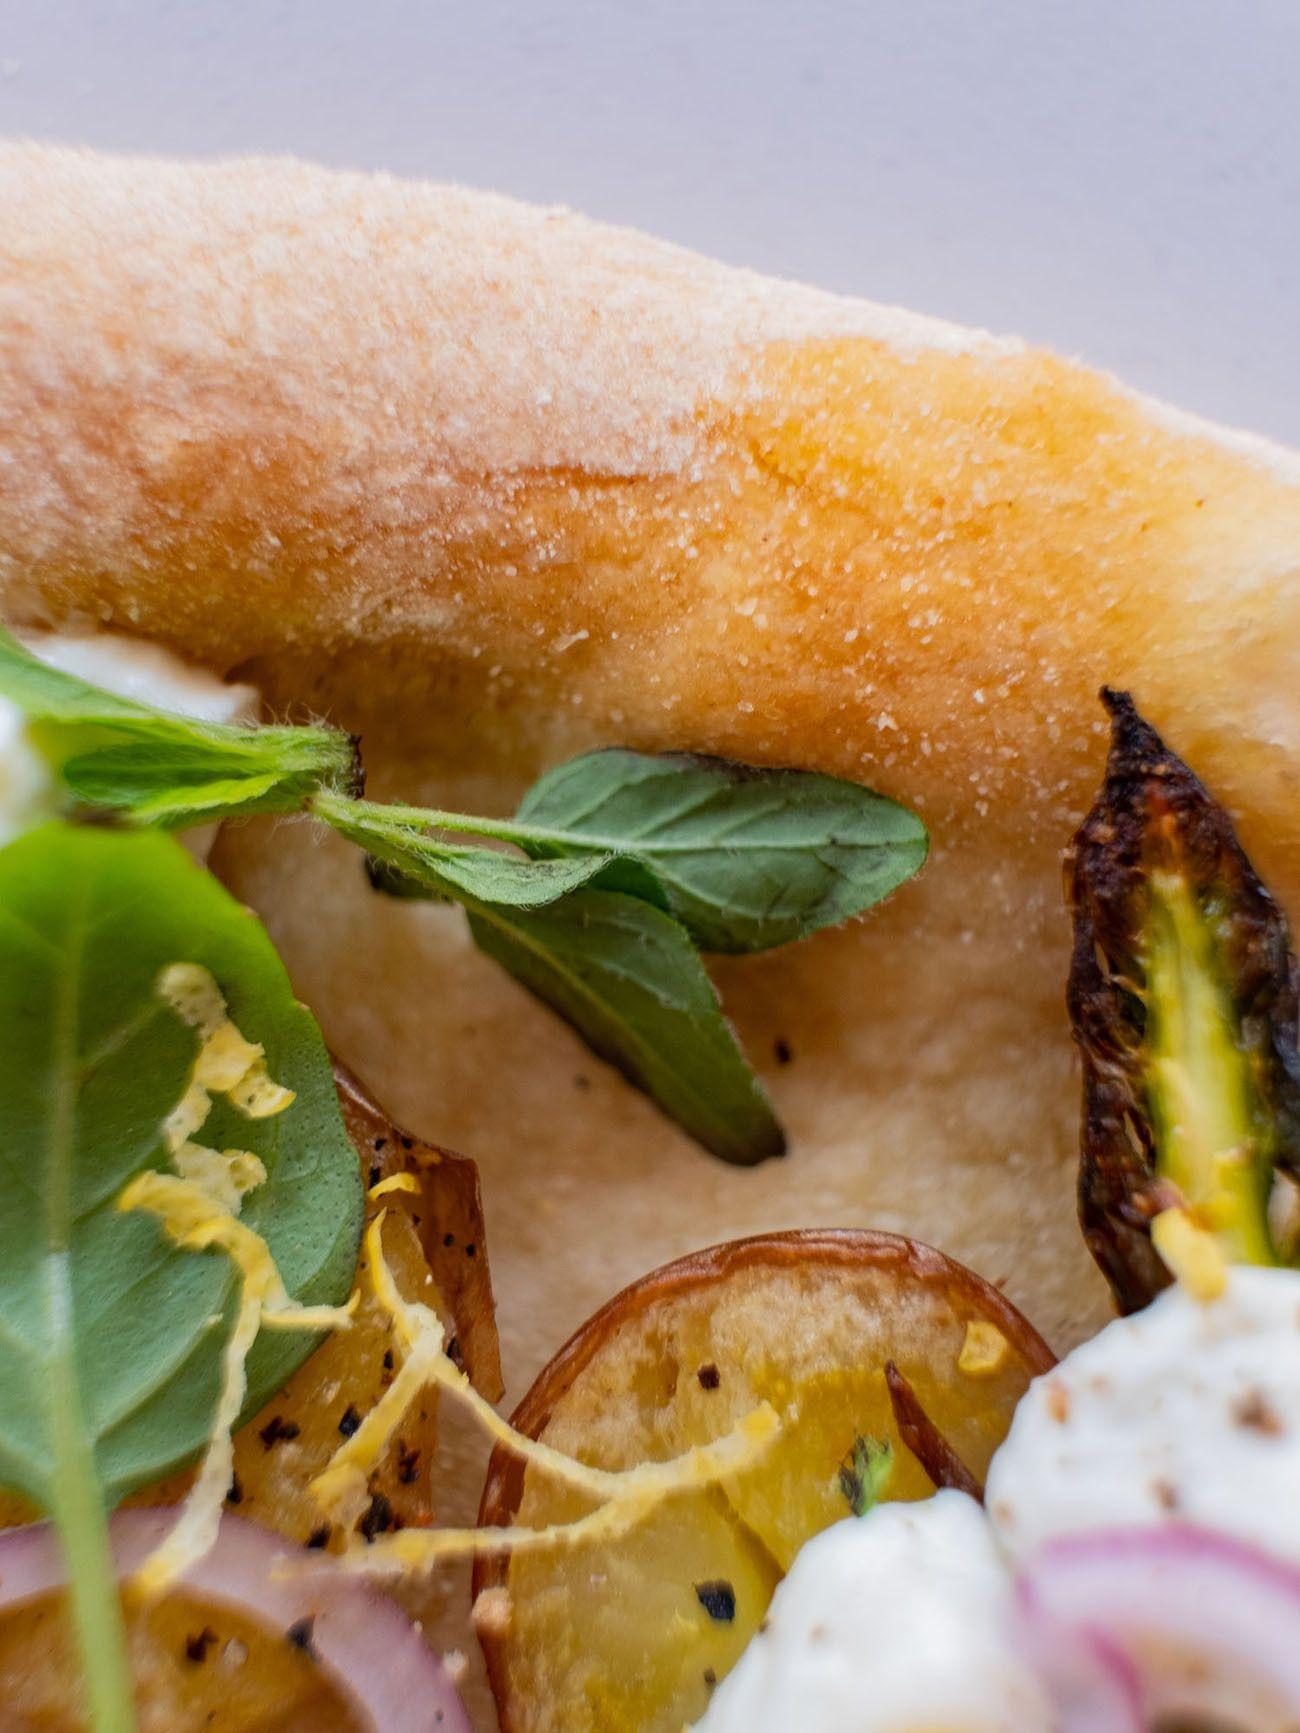 Foodblog About Fuel, Rezept Frühlingspizza mit grünerm Spargel, Frühkartoffeln und Ricotta, Teig, Oregano